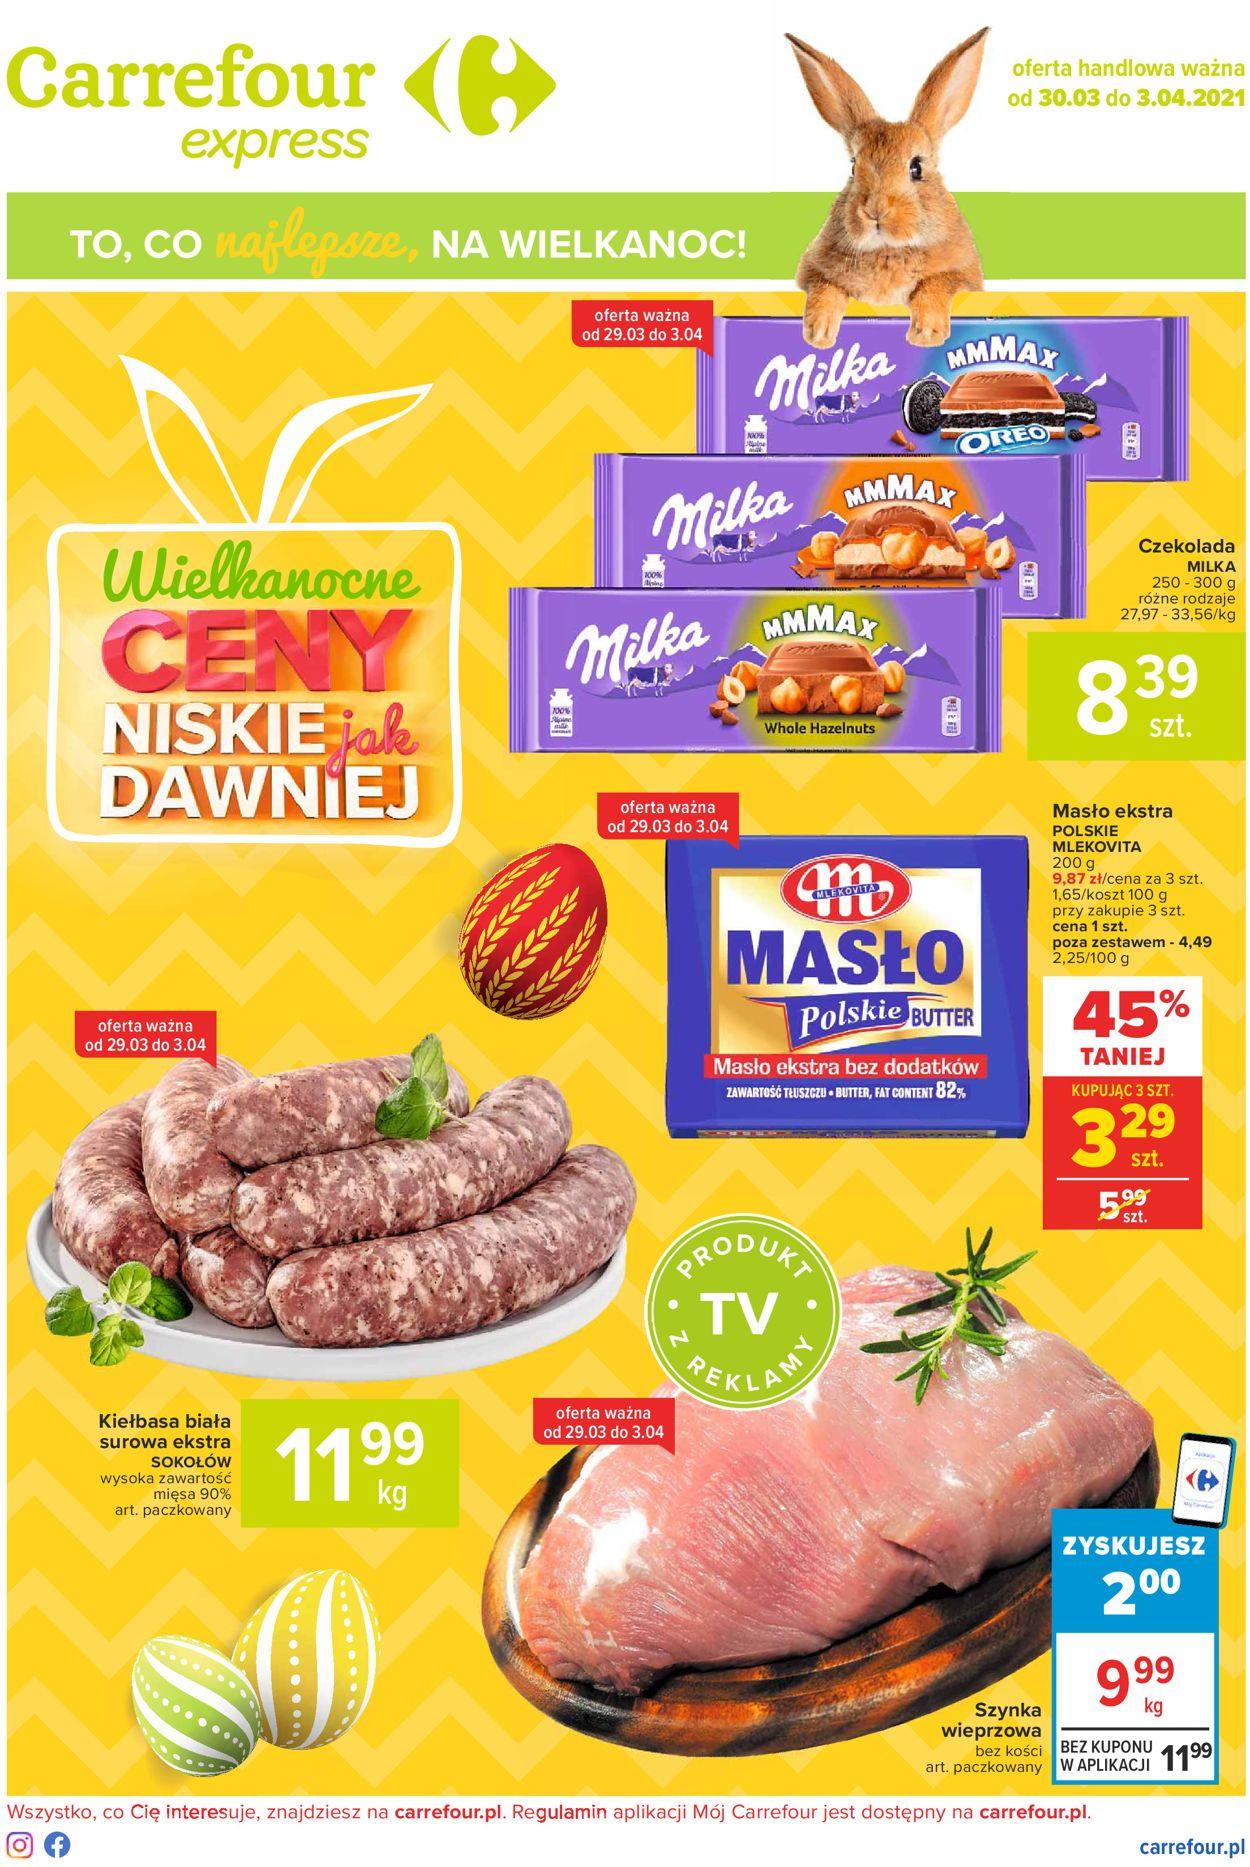 Gazetka promocyjna Carrefour Wielkanoc 2021! - 30.03-03.04.2021